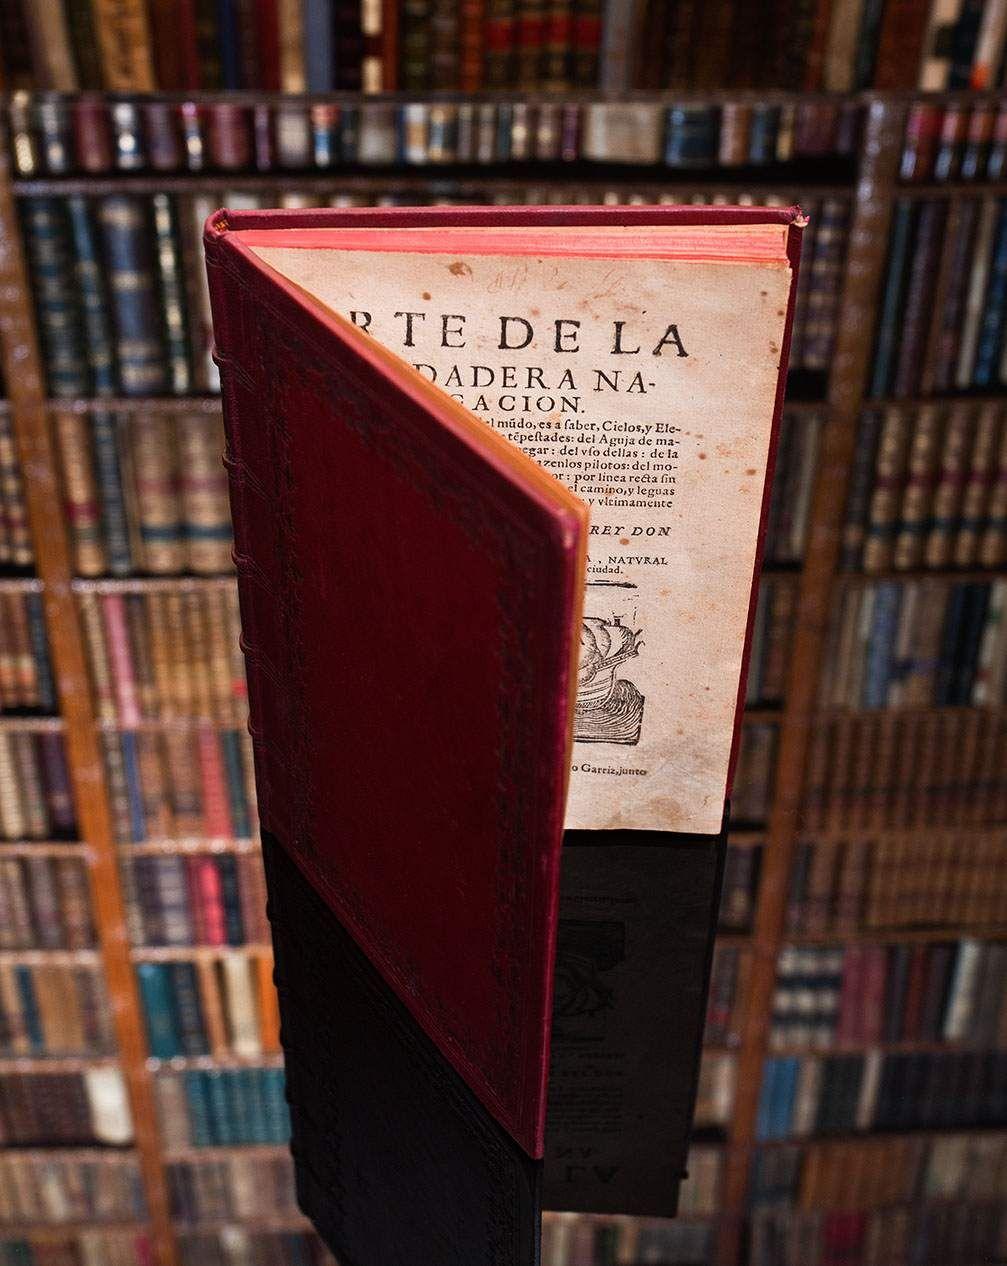 Librería Bardón -Pza. San Martín, 3 28013 Madrid